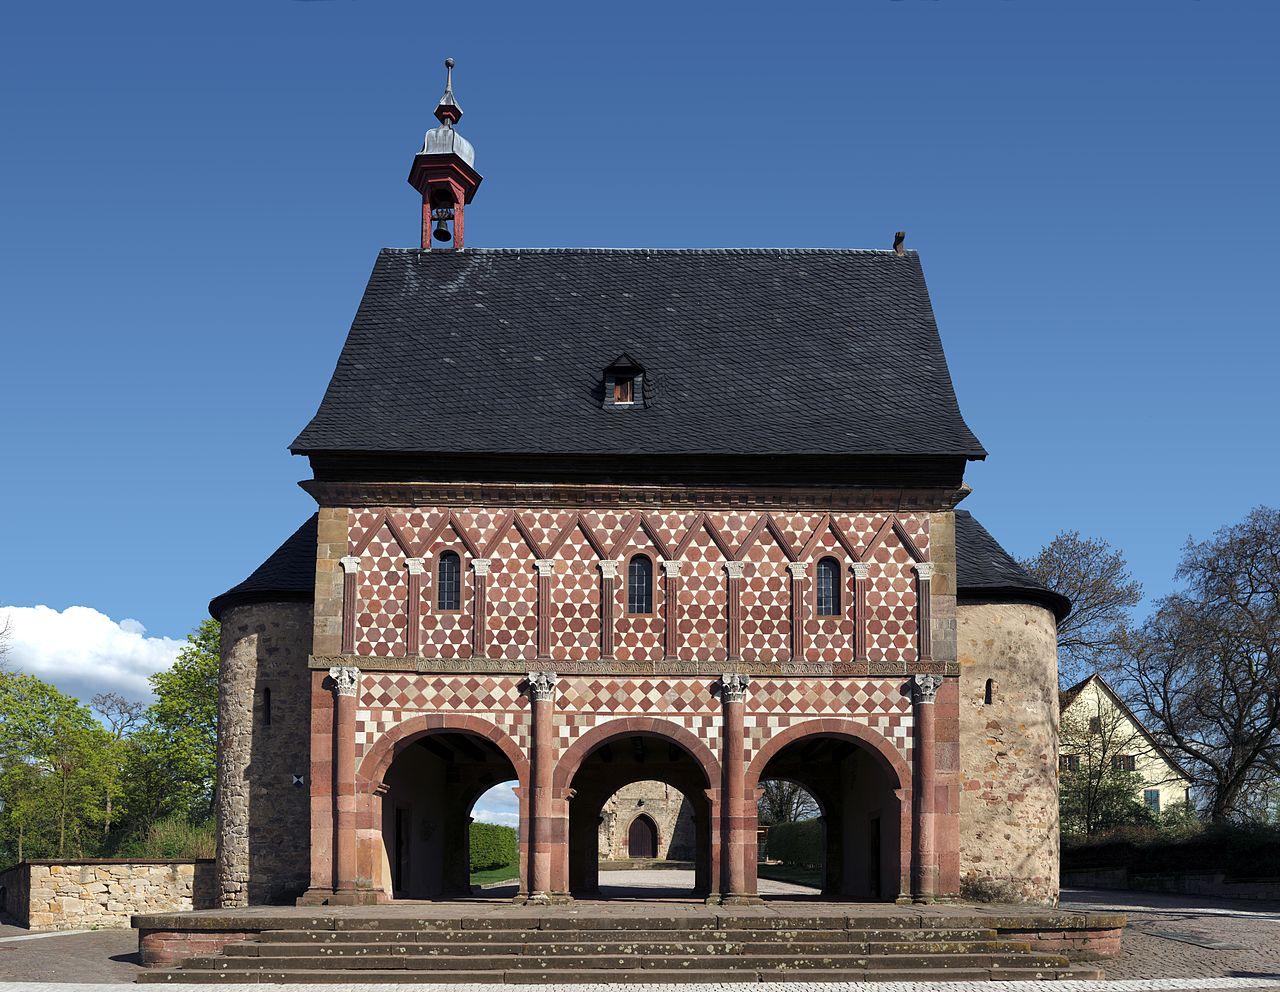 Лорш, Германия: на что стоит посмотреть, где вкусно поесть и выпить